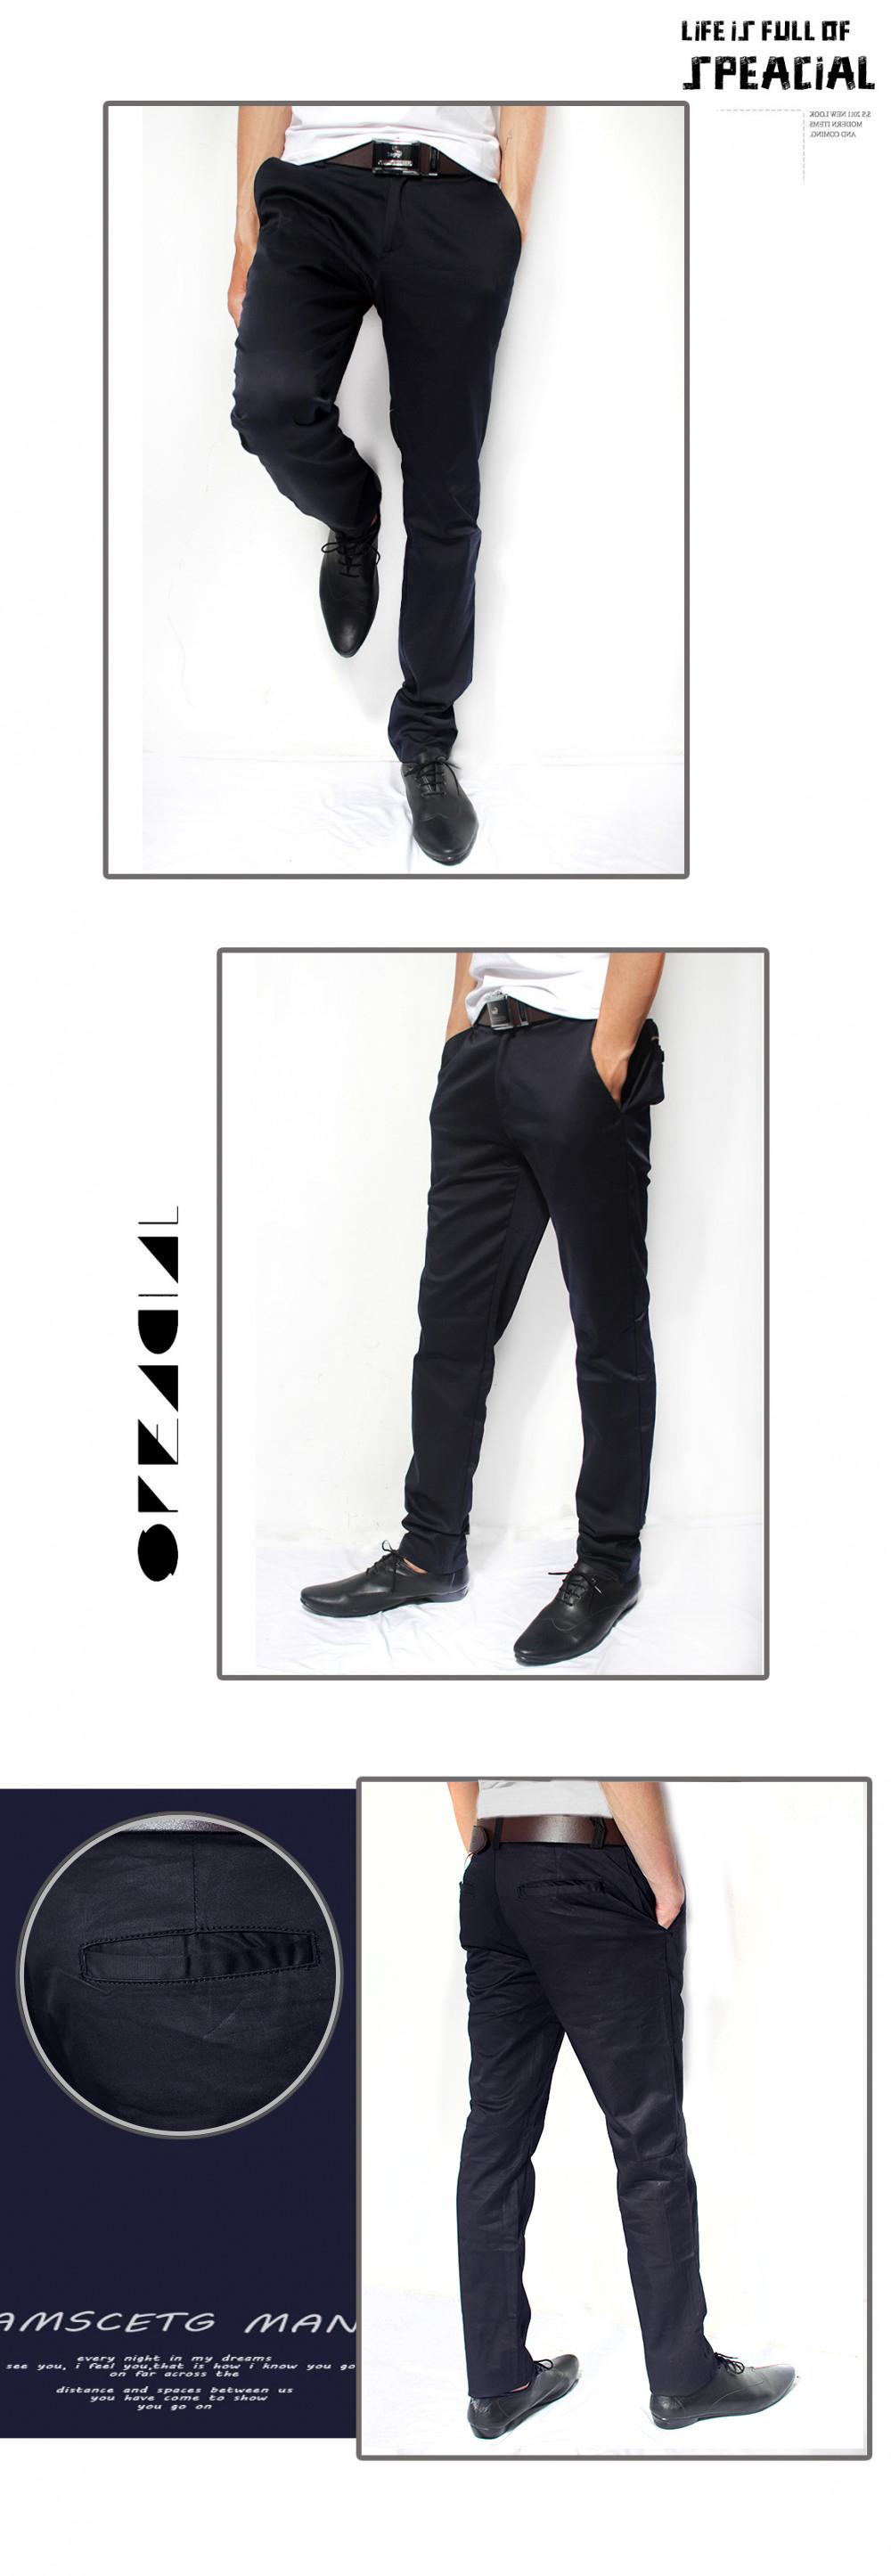 Quần kaki hàn quốc xanh đen qk110 - 1